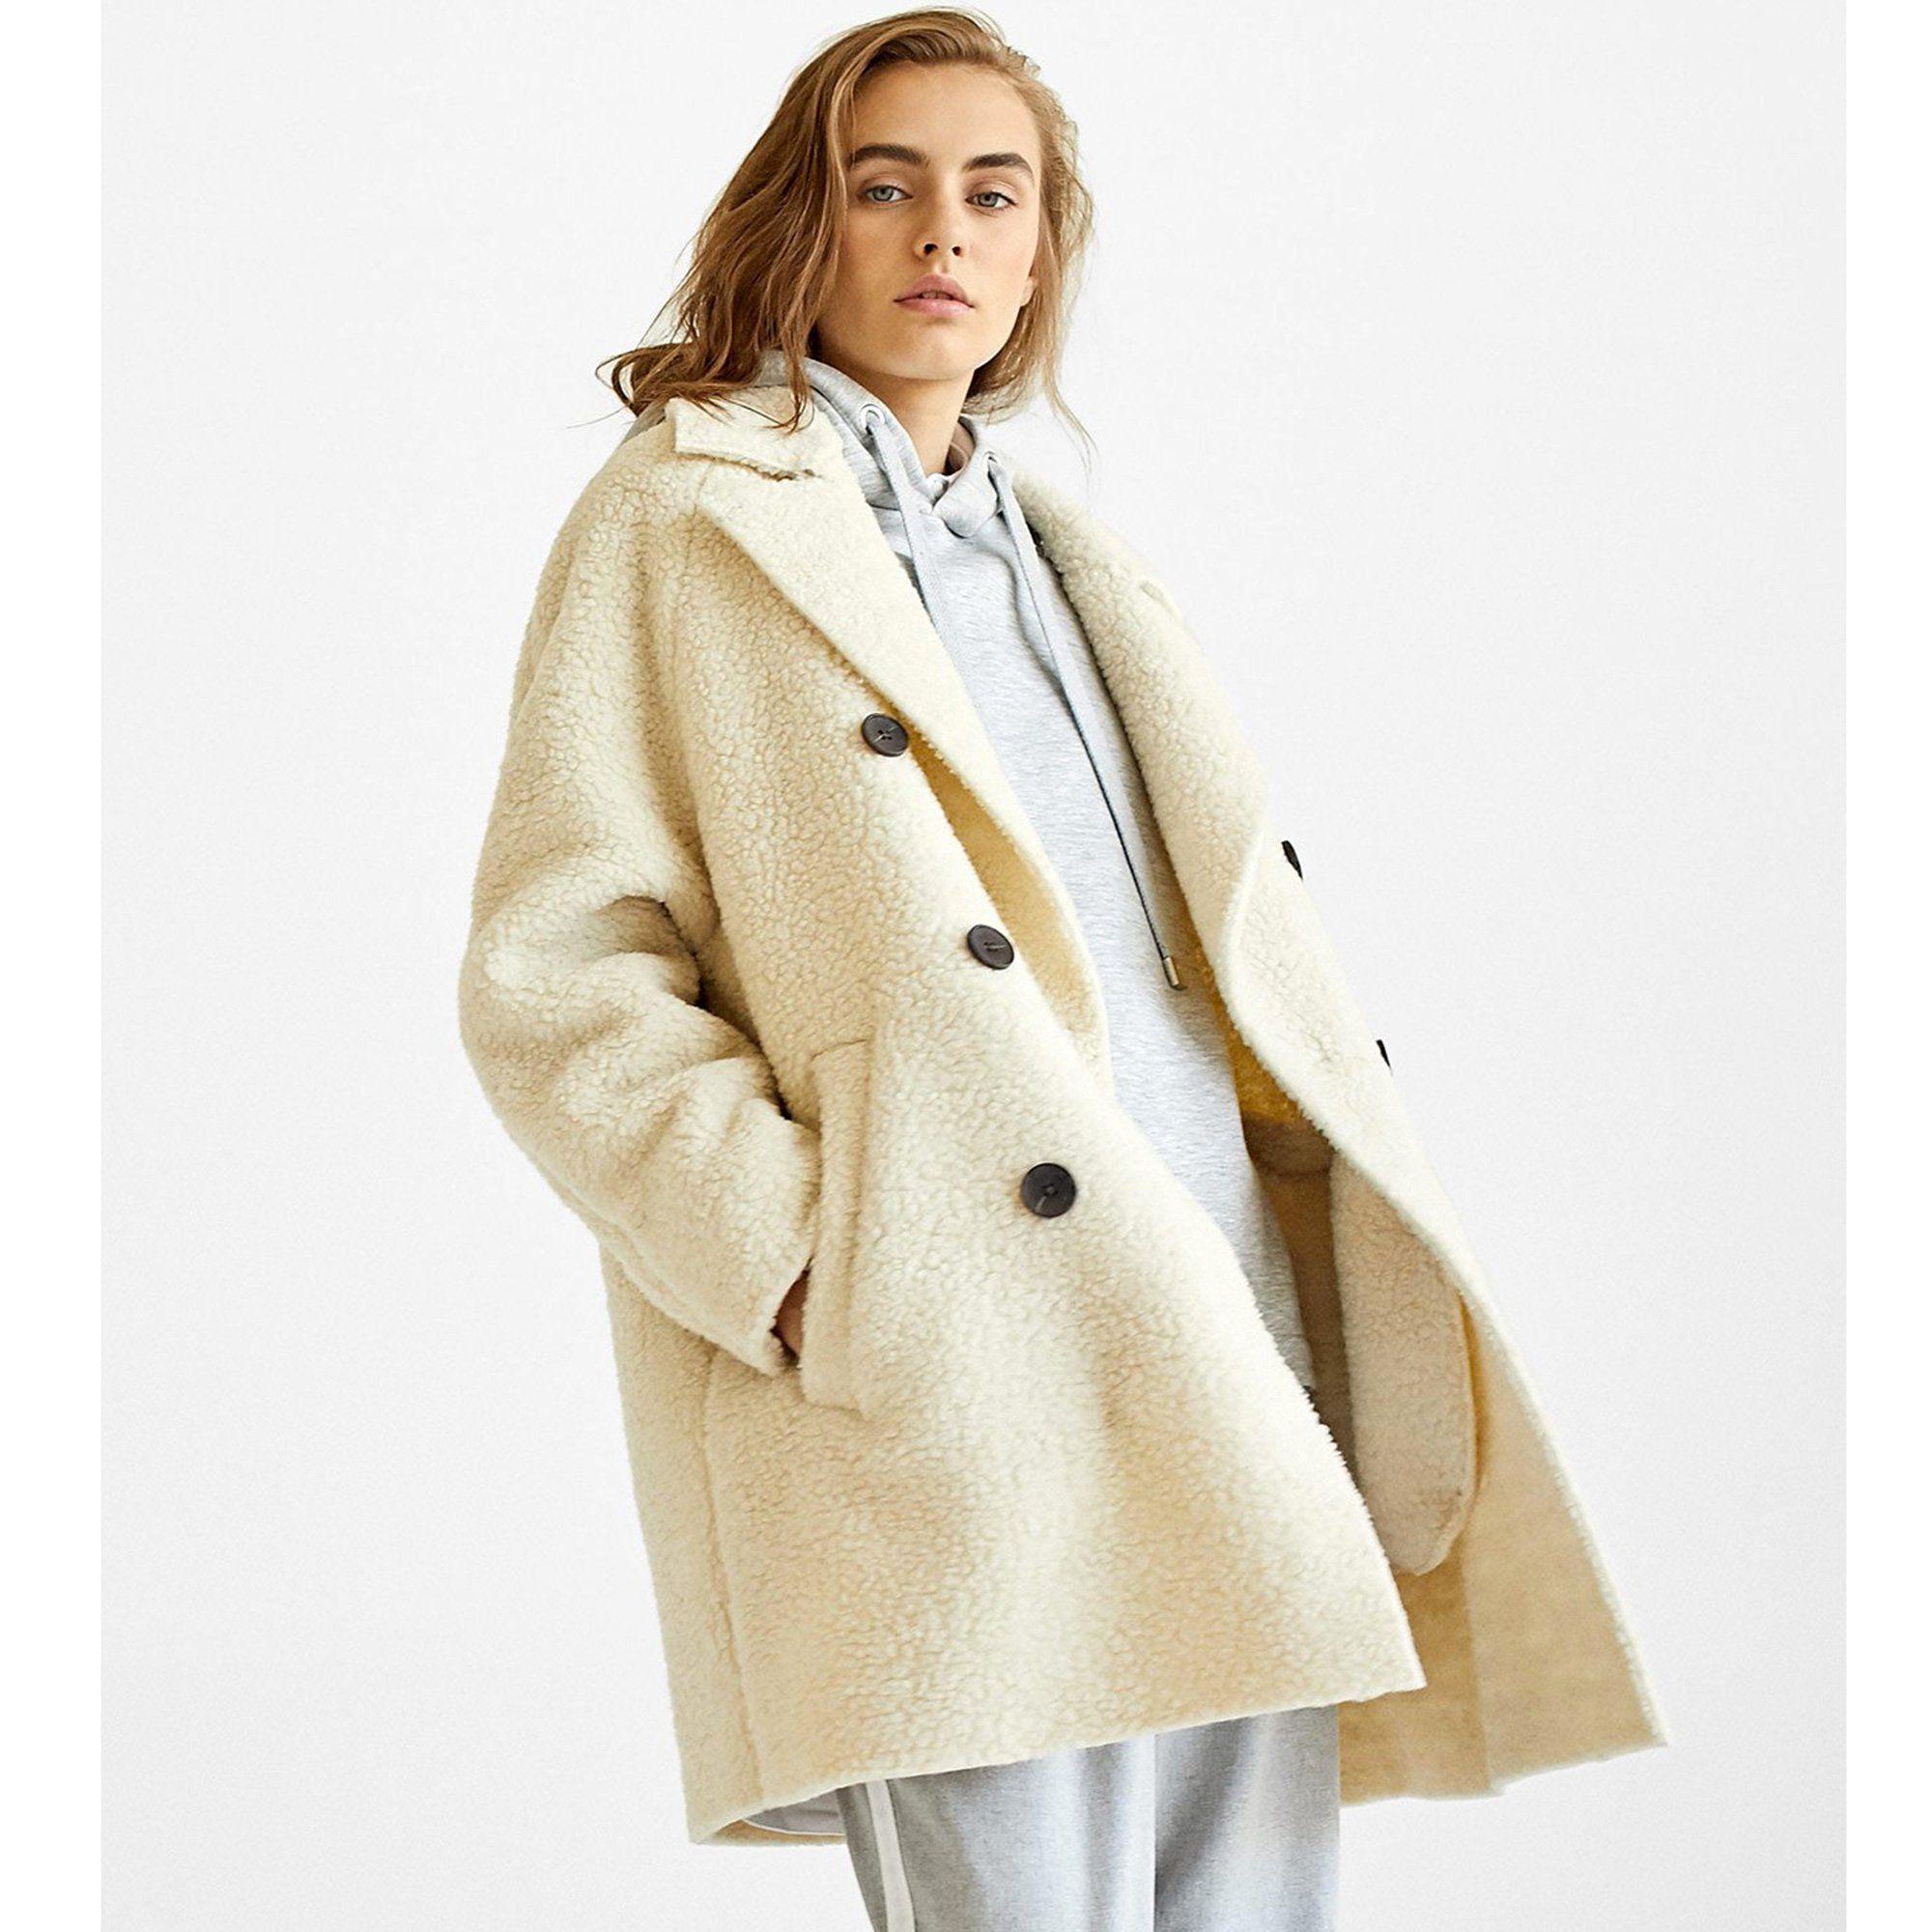 Manteaux pour femme Mode automne hiver 2020 | Stradivarius